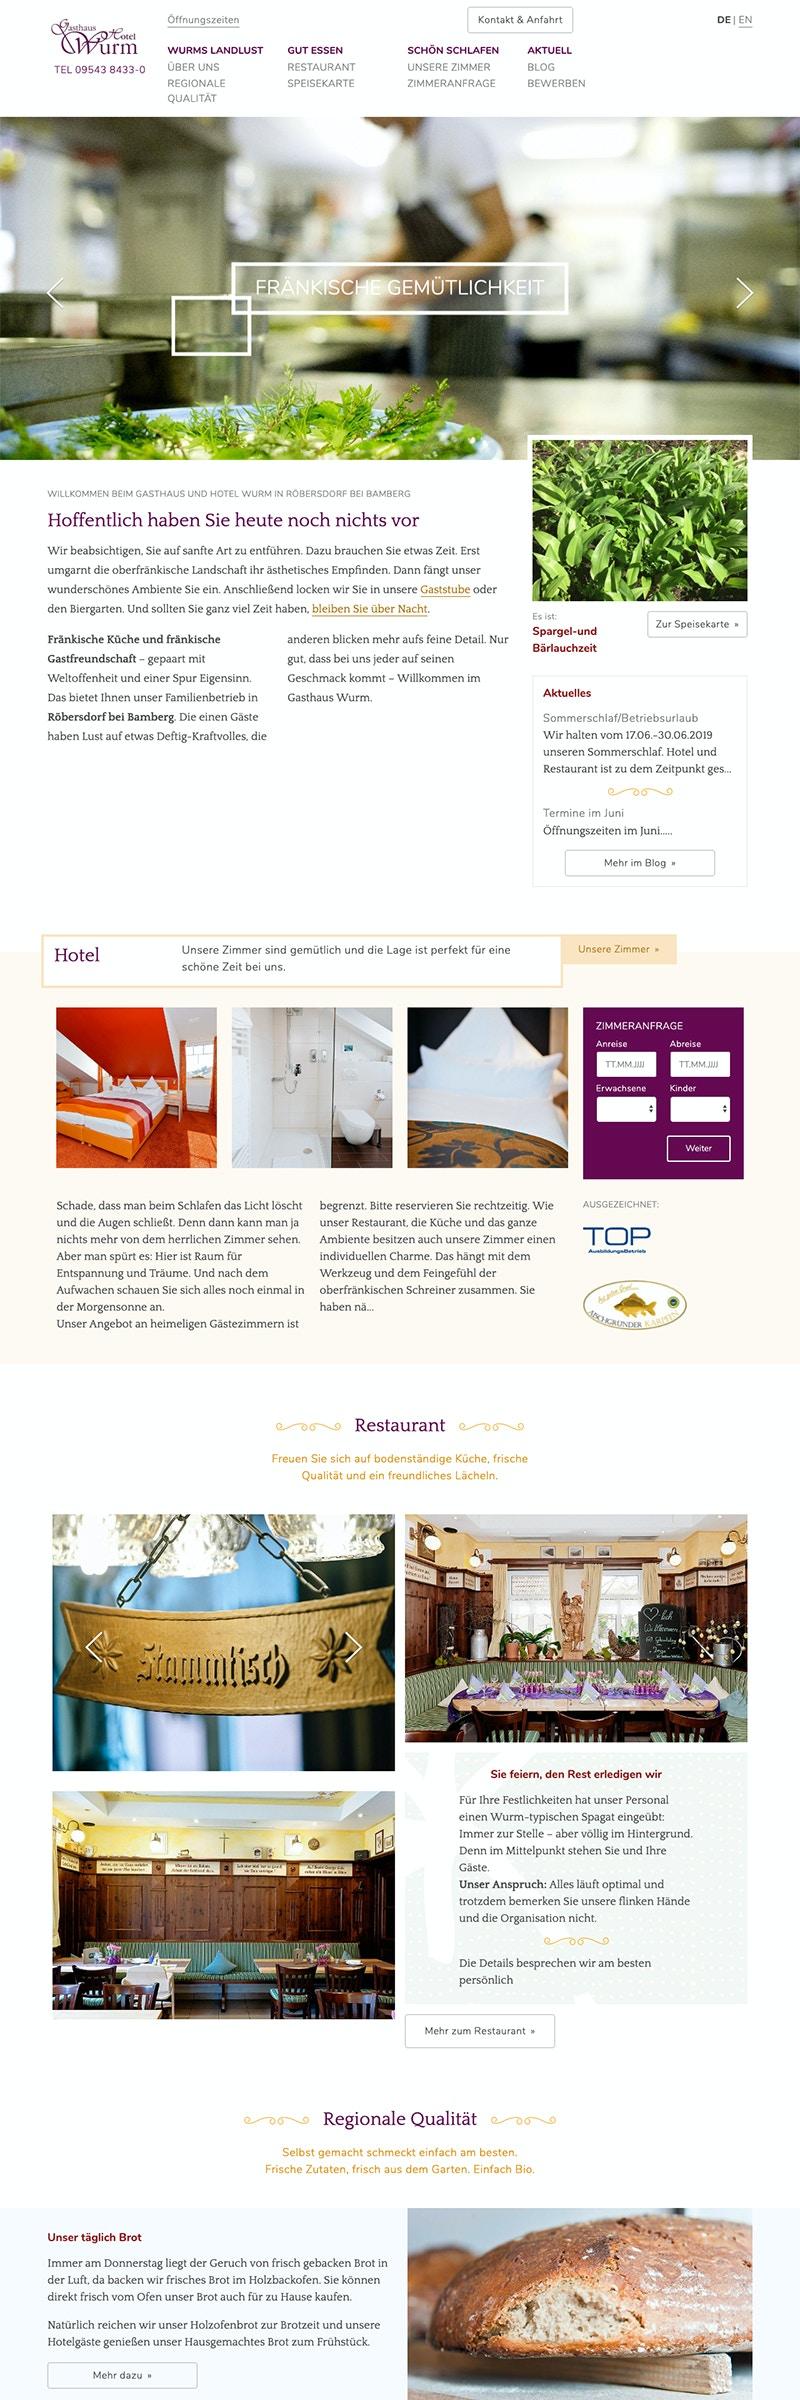 Hotel- und Gastronomie Webseite mit Workflow für Reservierungsanfragen